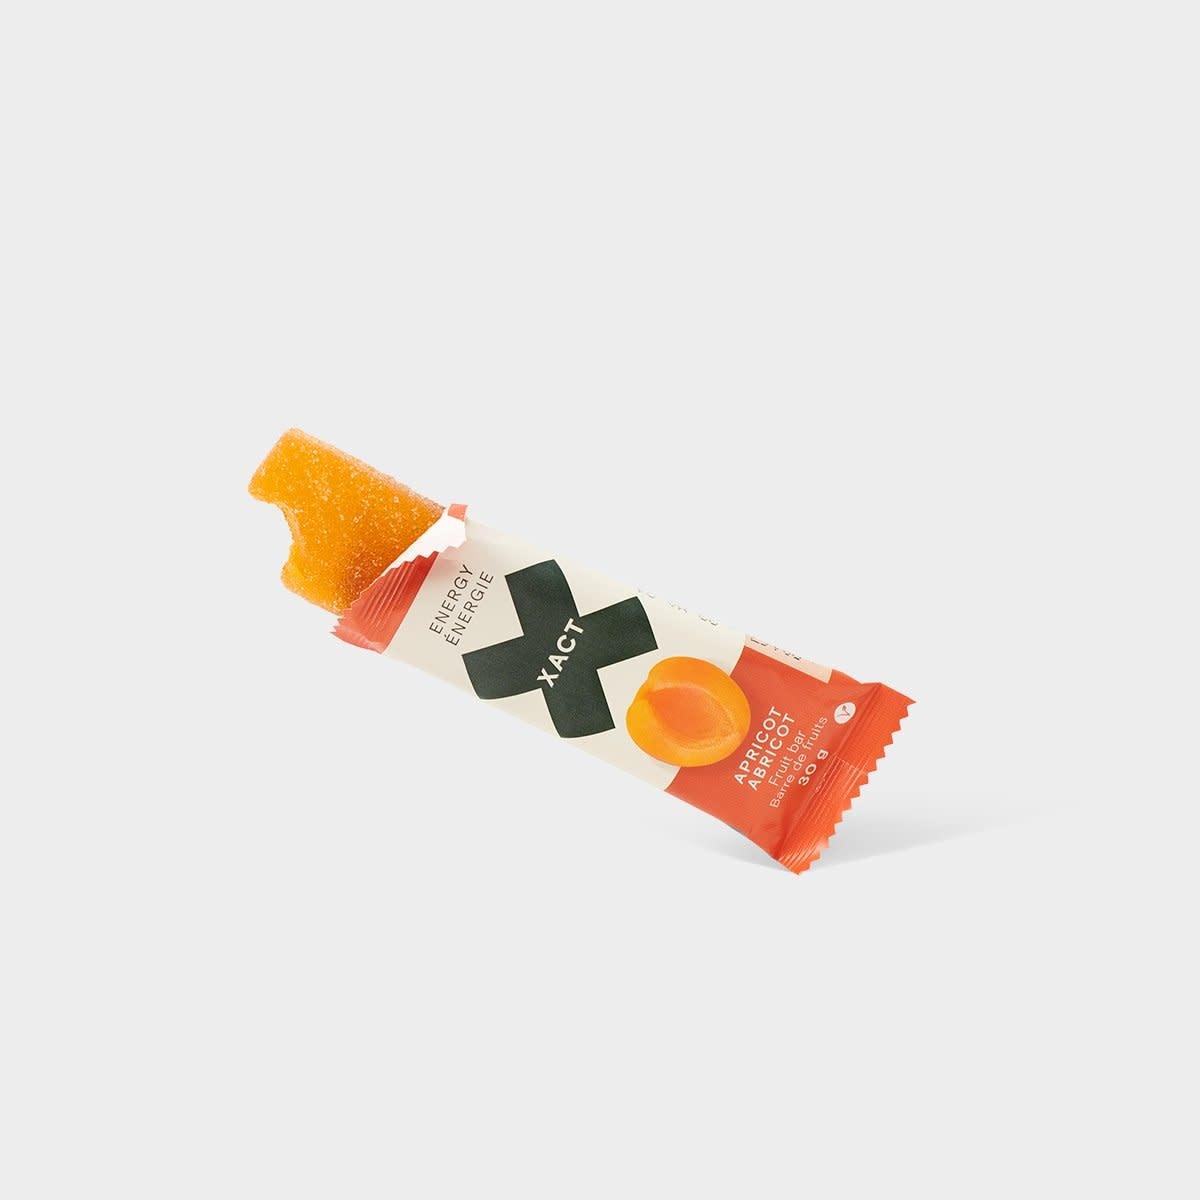 Barre Fruit2 Abricot 30g (Unité)